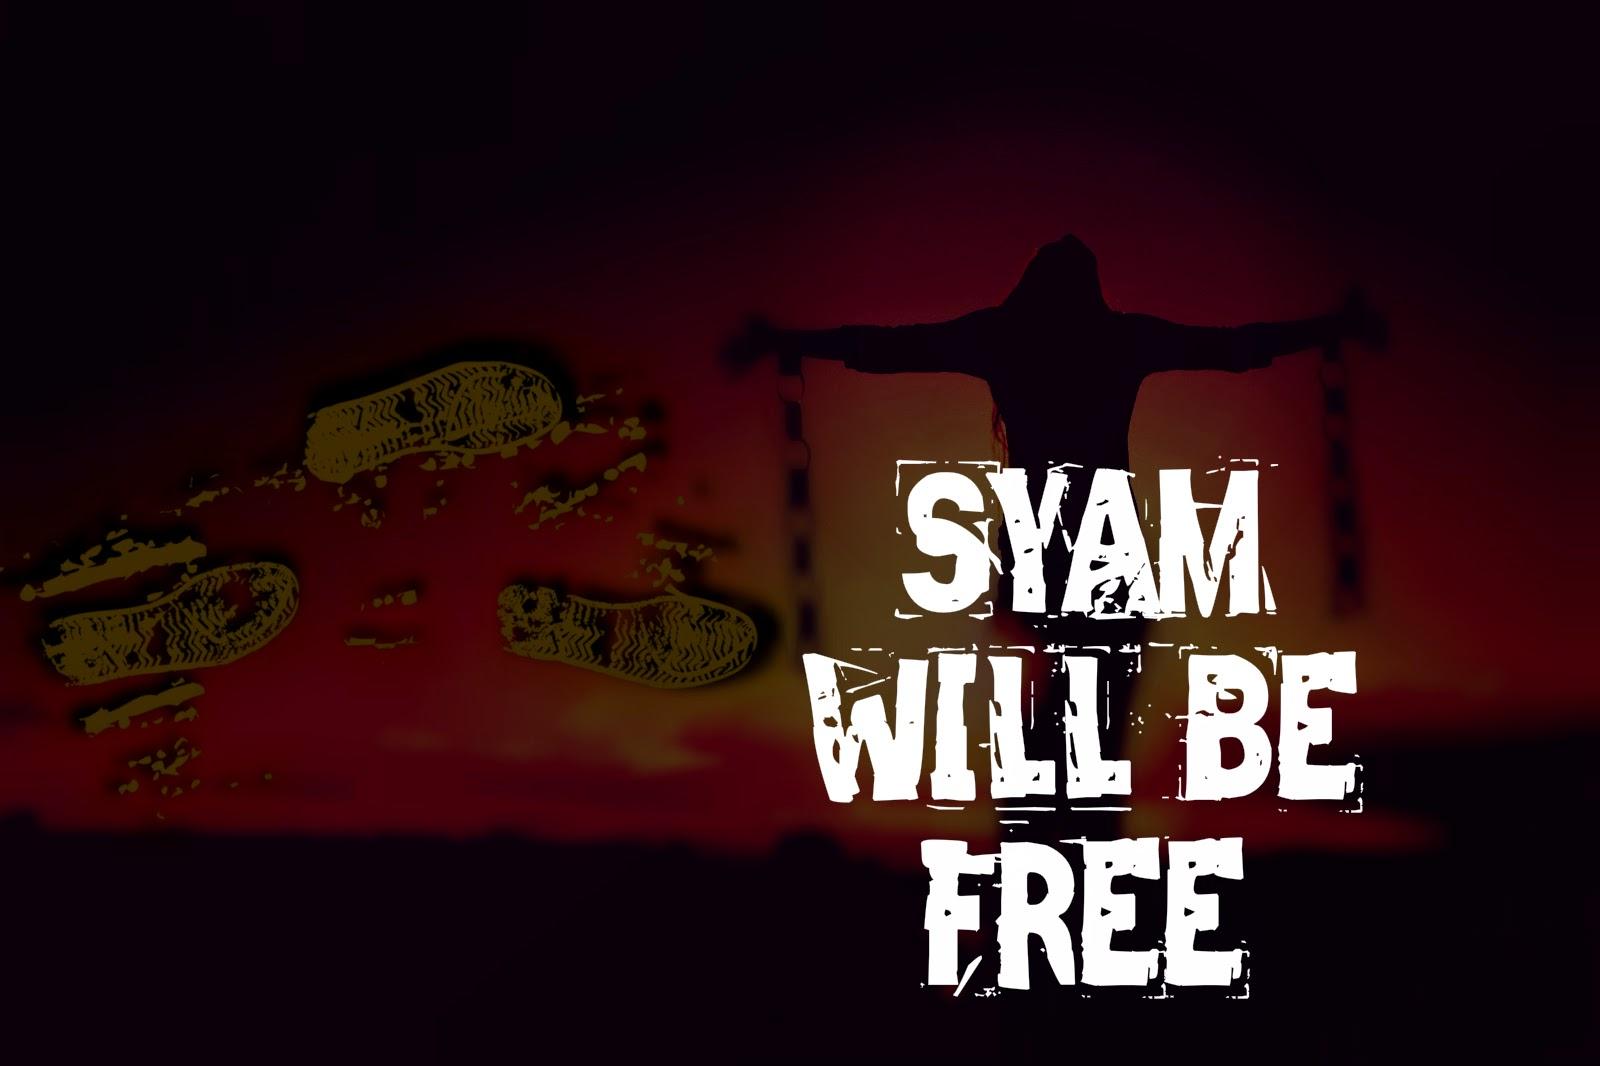 FreedomSyam